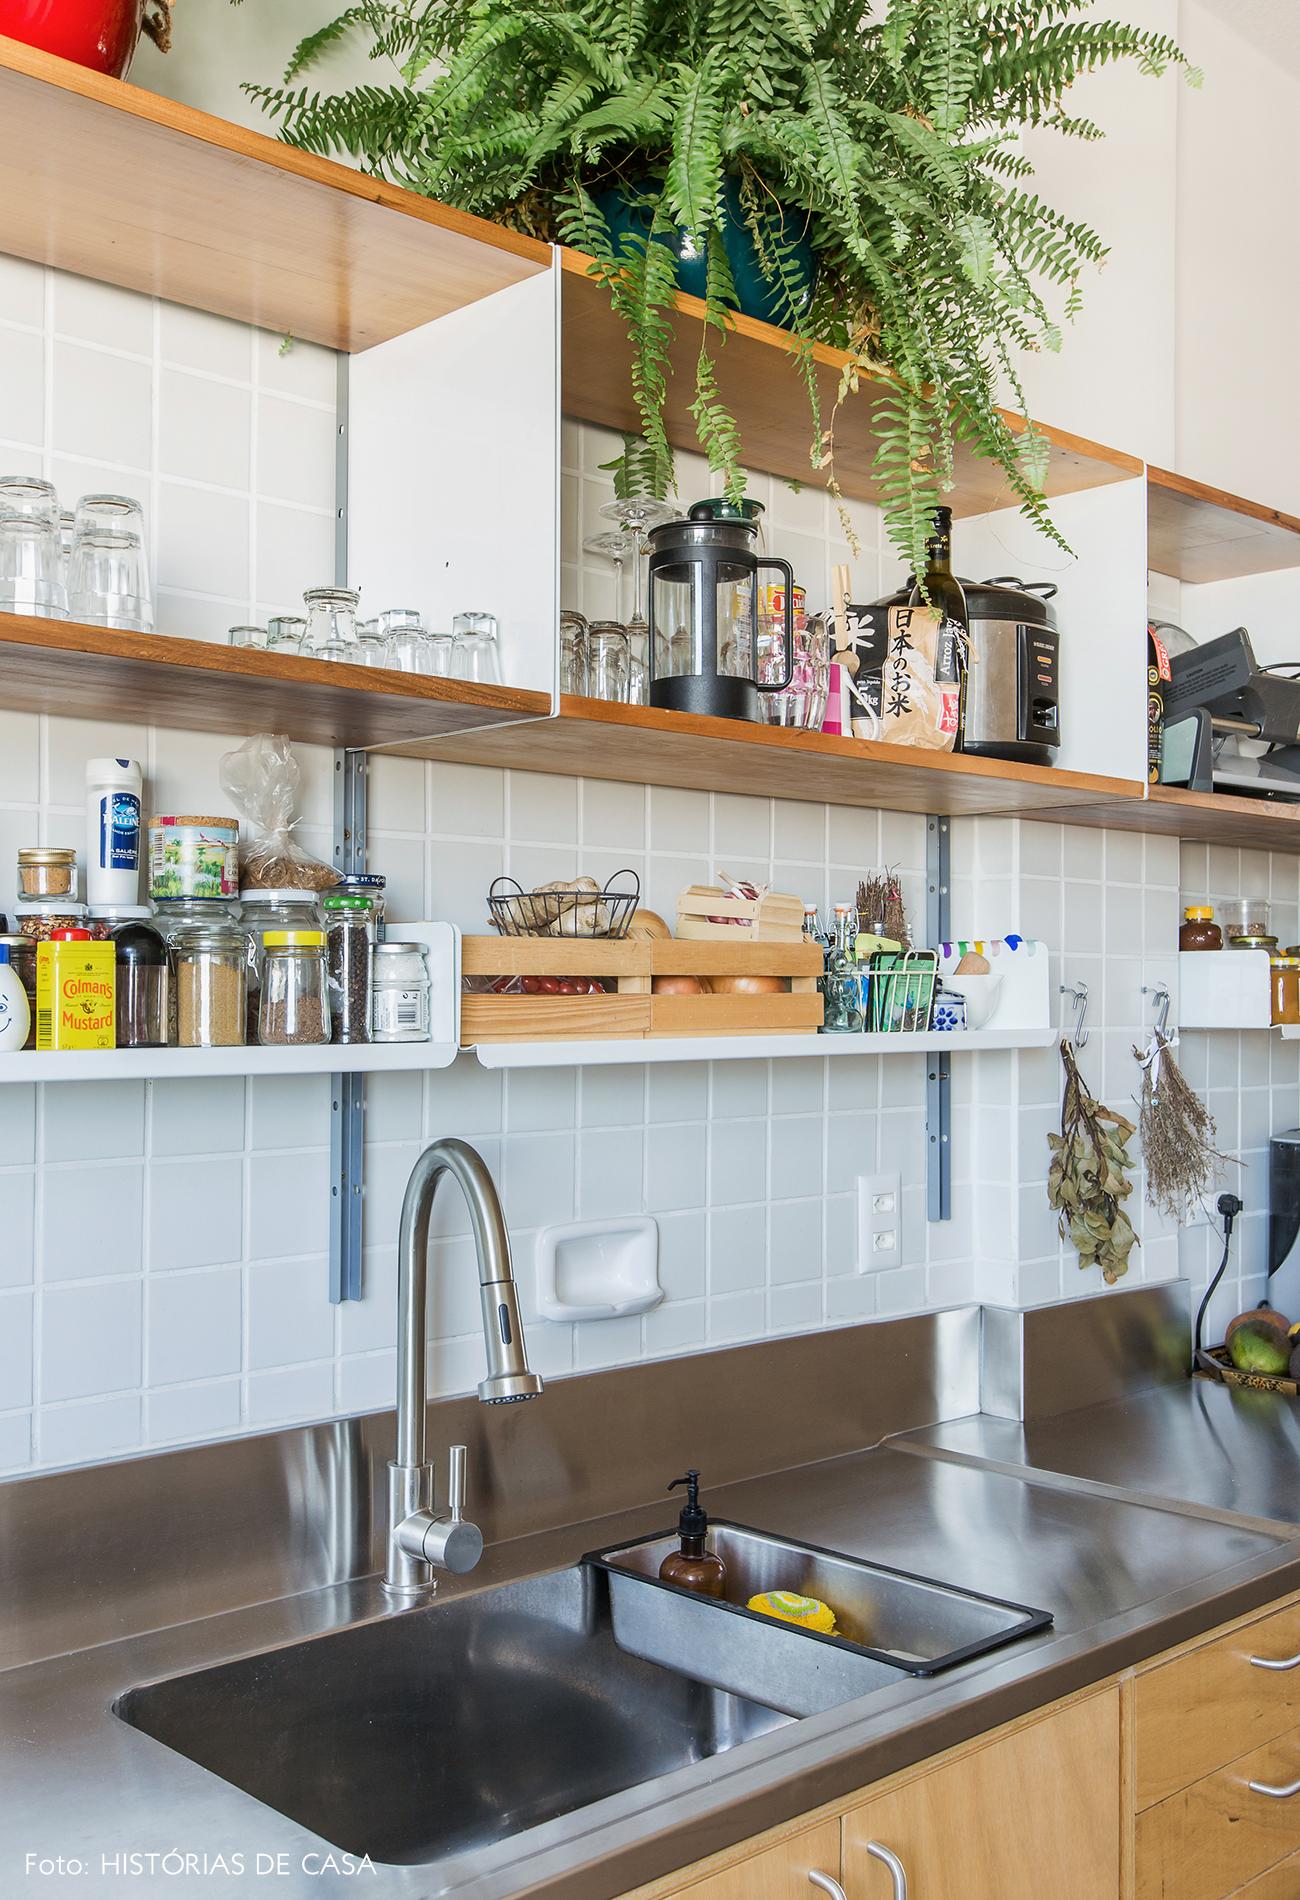 Cozinha estreita com bancada de inox